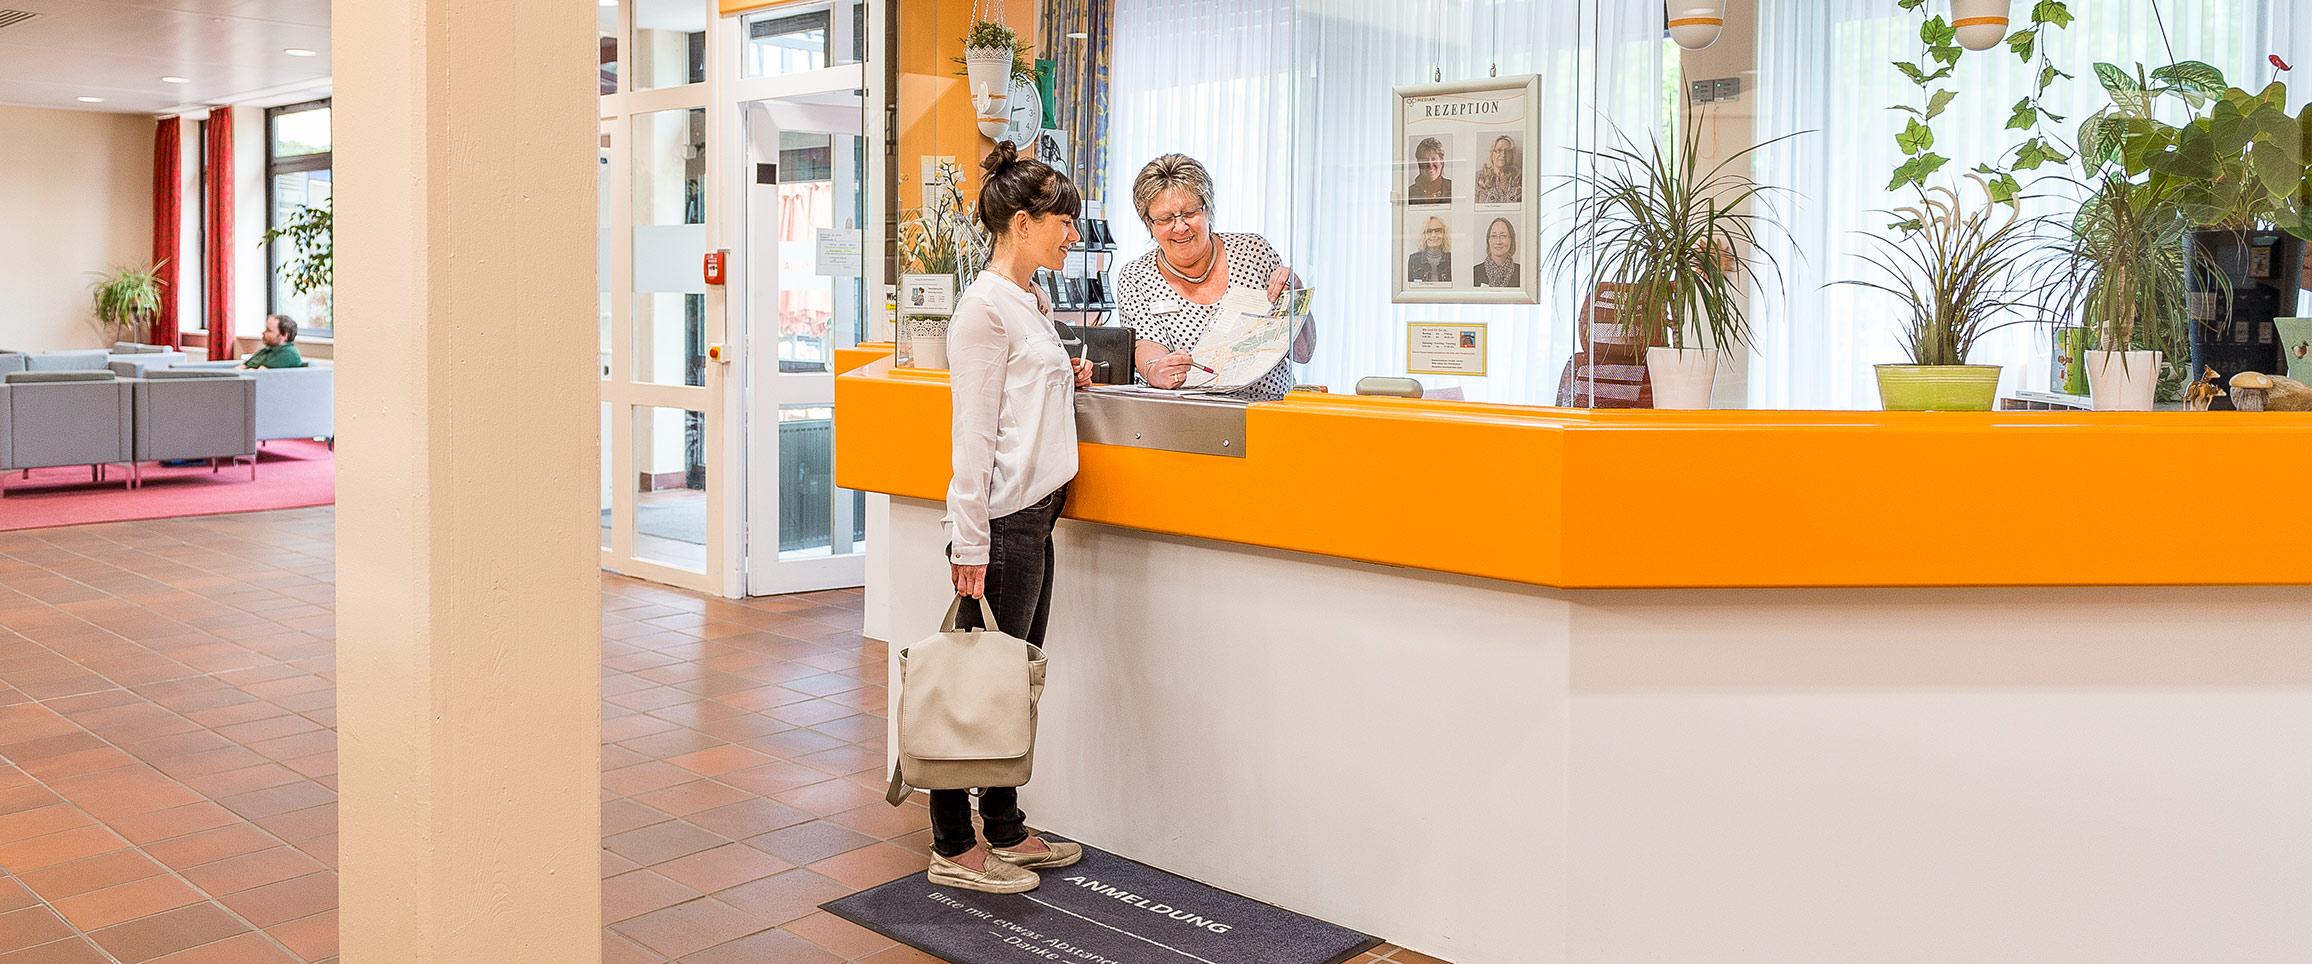 Die Rezeptionistin erklärt einer Patientin etwas an der Rezeption der MEDIAN Klinik für Psychosomatik Bad Dürkheim